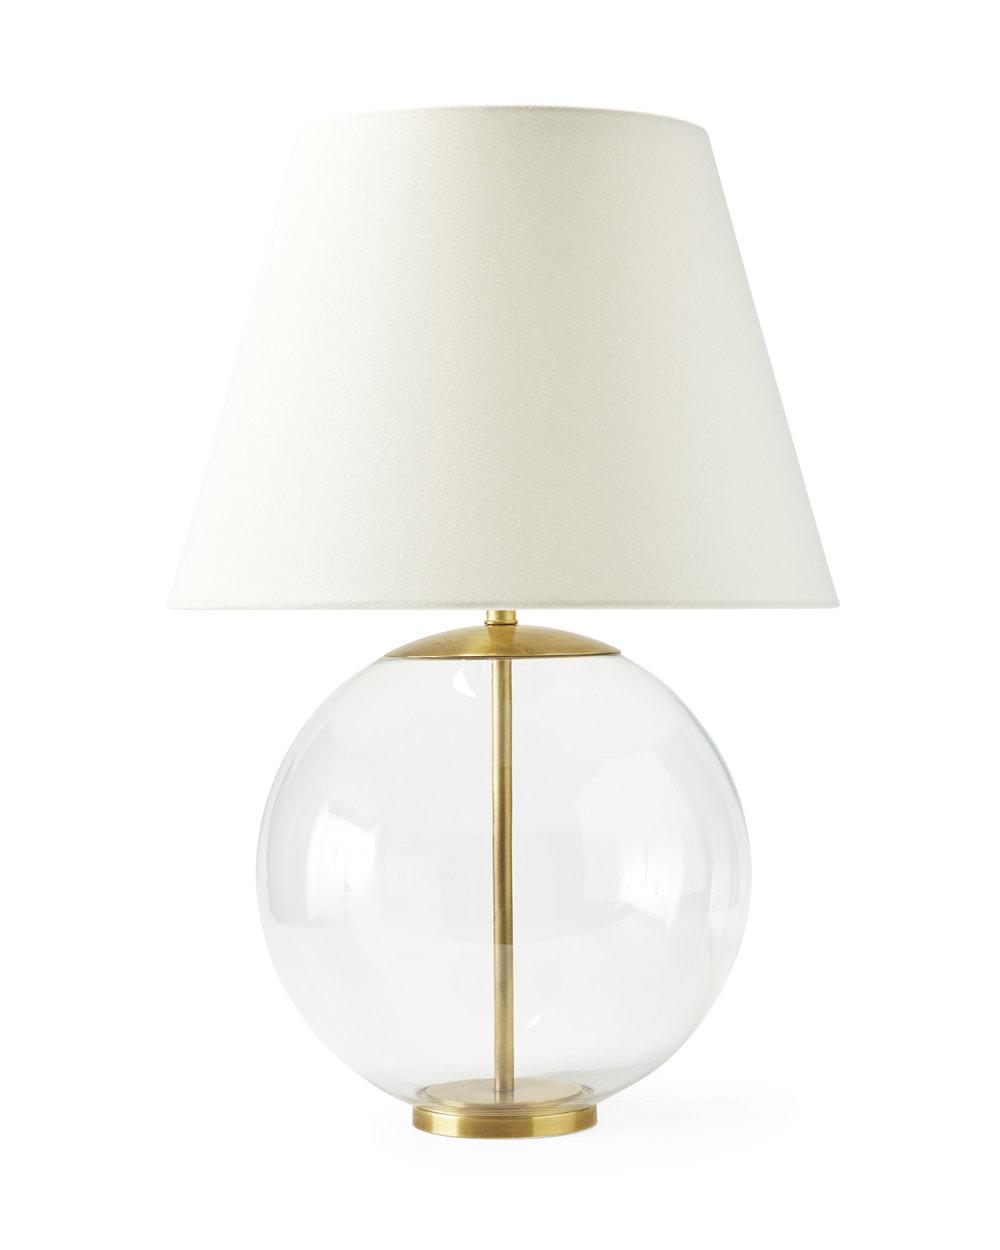 Lamp_Georgia_Glass_MV_Crop_SH.jpg